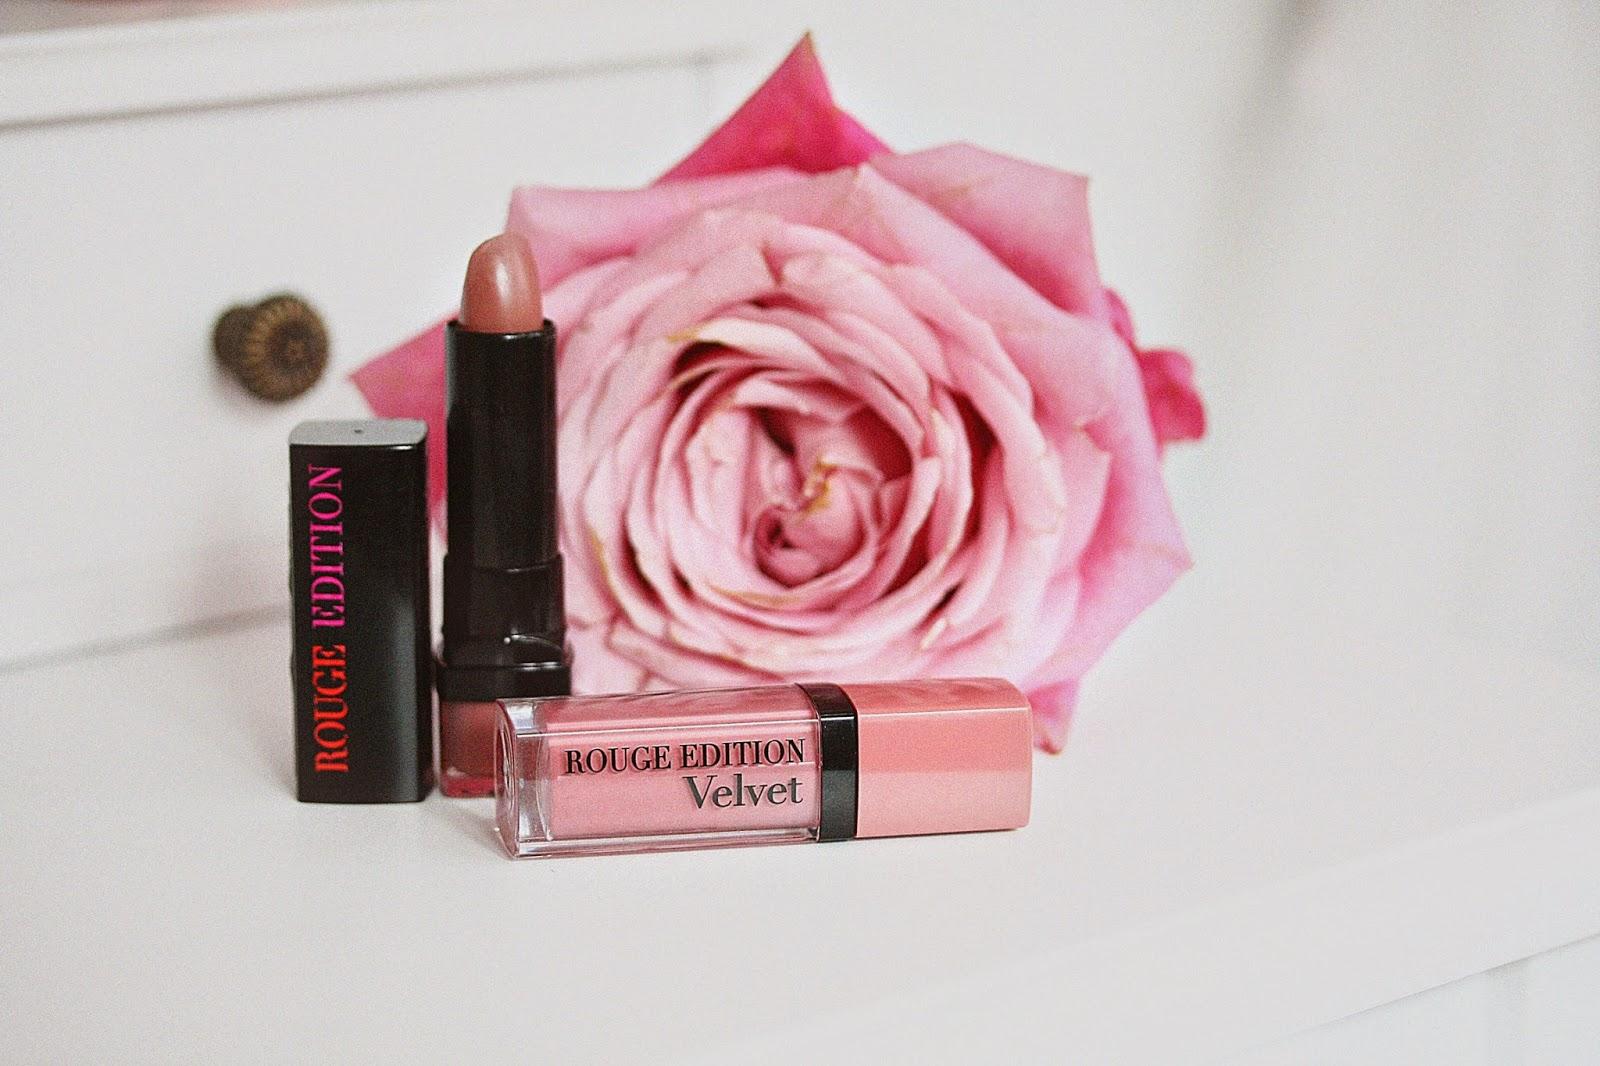 http://www.rosemademoiselle.com/2015/03/bourjois-rouge-edition-velvet.html